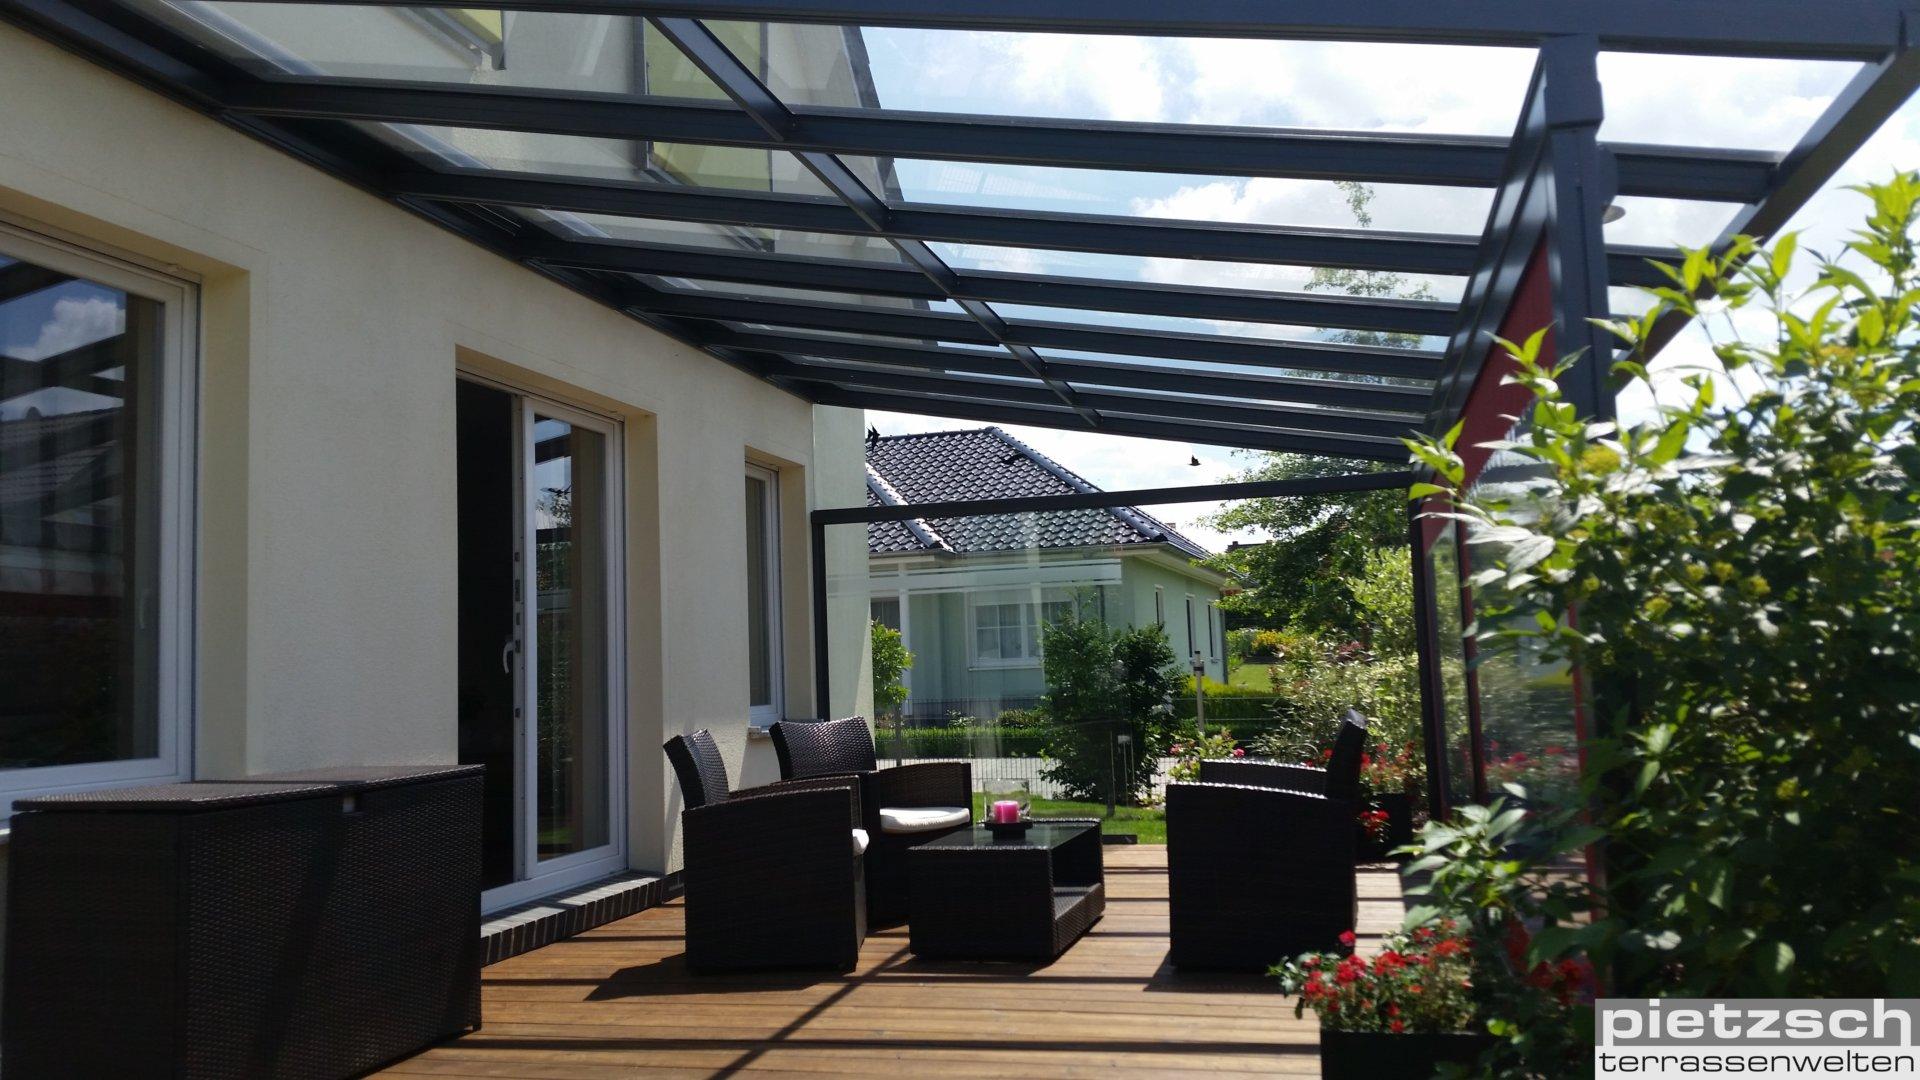 Terrassenüberdachung, Wintergarten, Glasdach, Kaltwintergarten, Sommergarten, Glasschiebewand, Schiebeverglasung